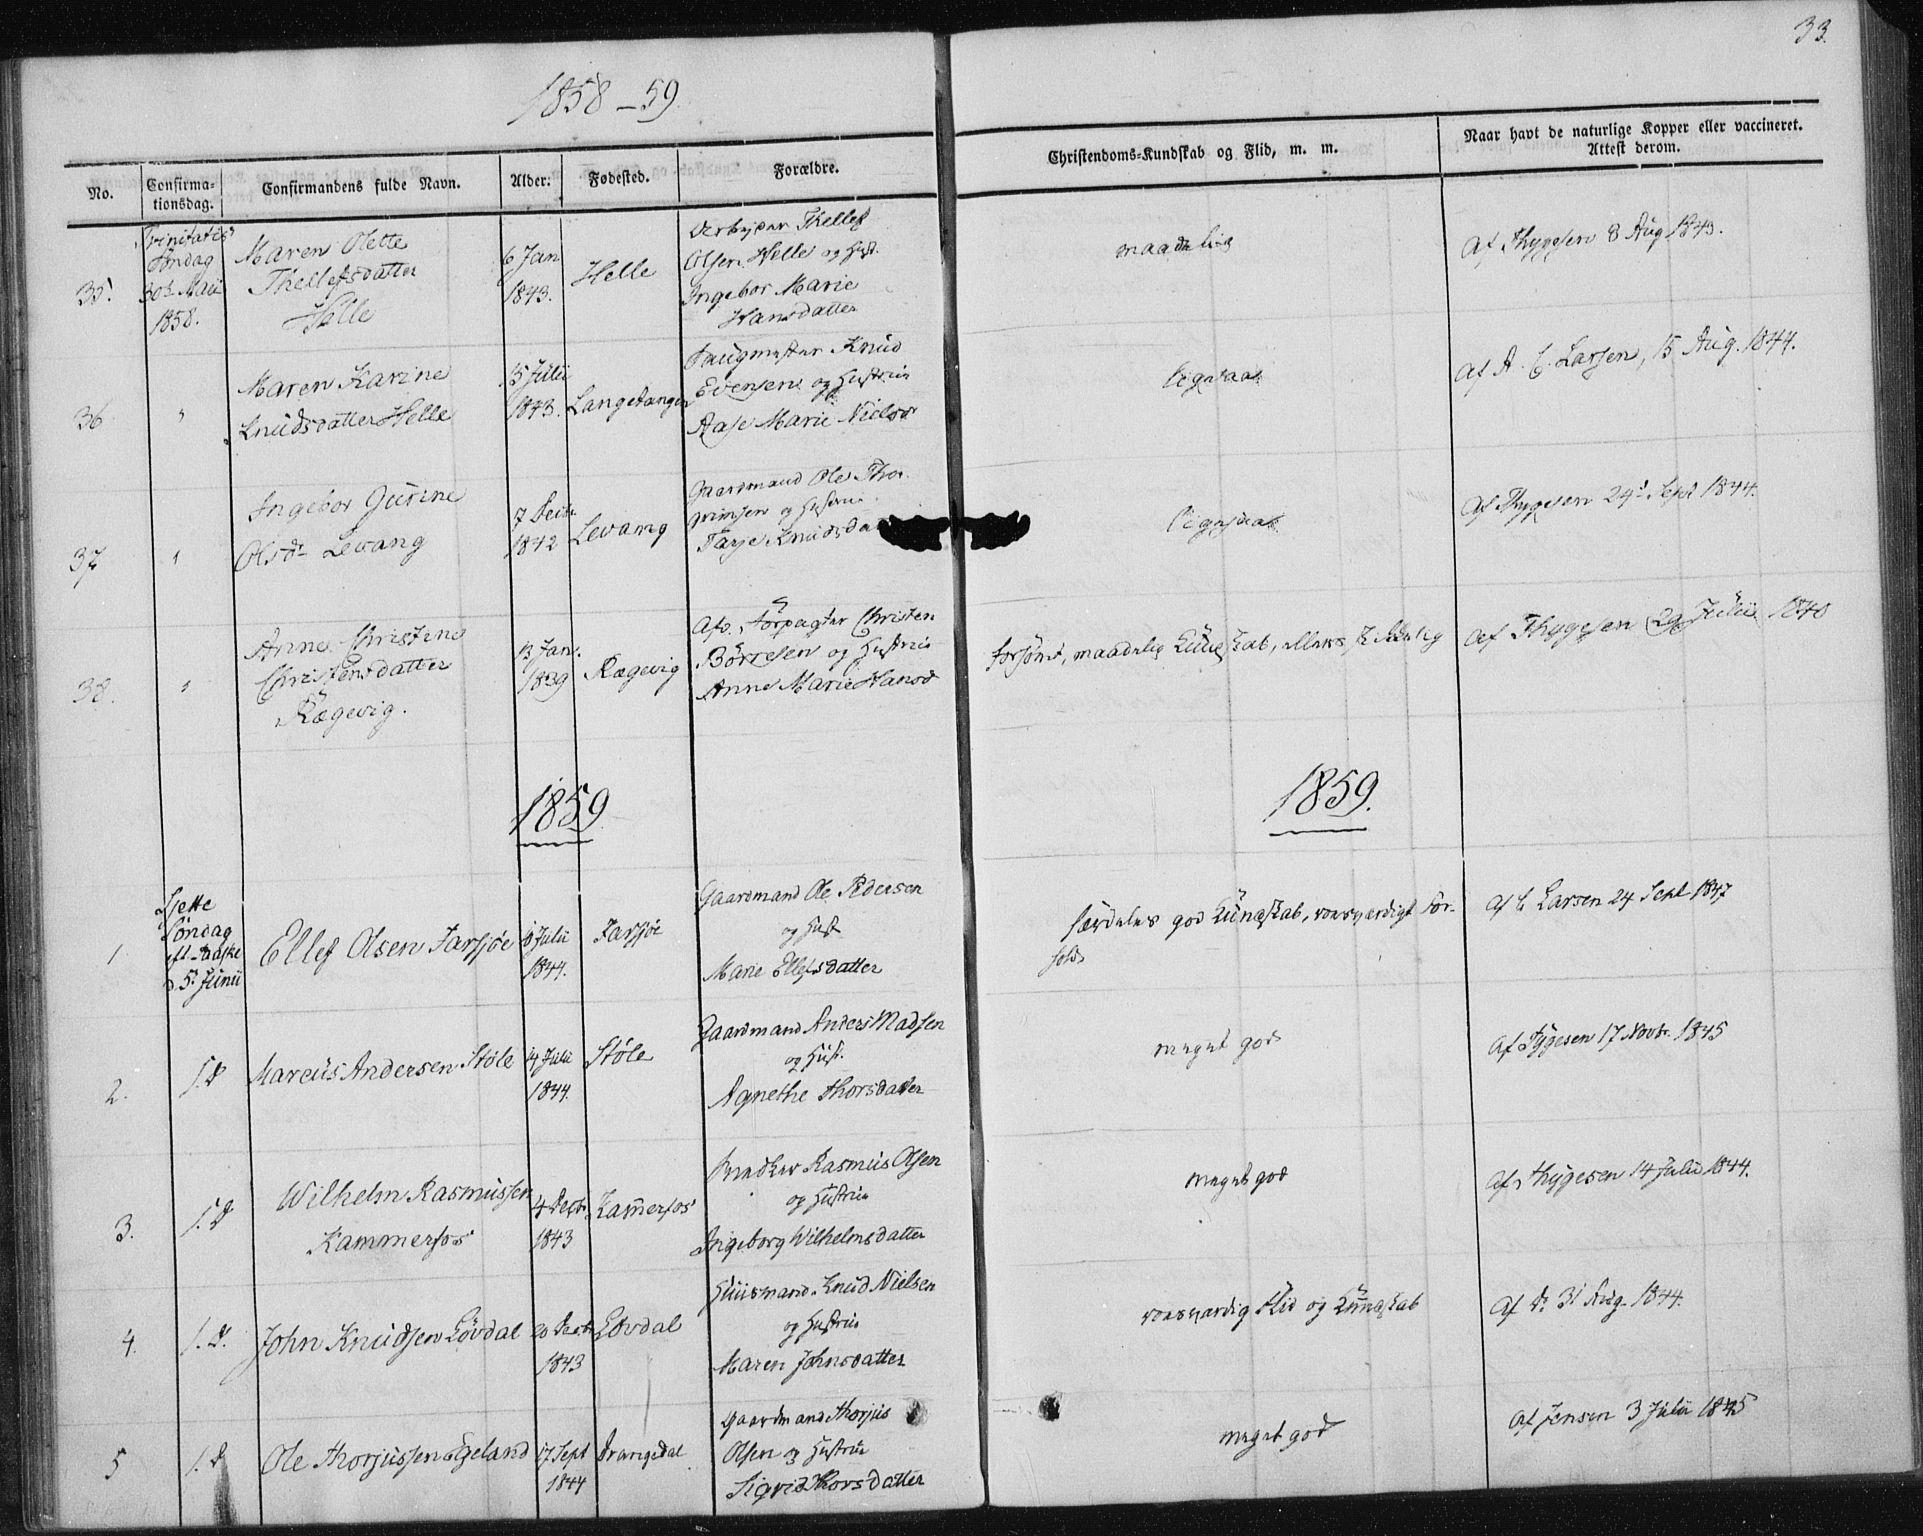 SAKO, Sannidal kirkebøker, F/Fa/L0009: Ministerialbok nr. 9, 1855-1873, s. 33